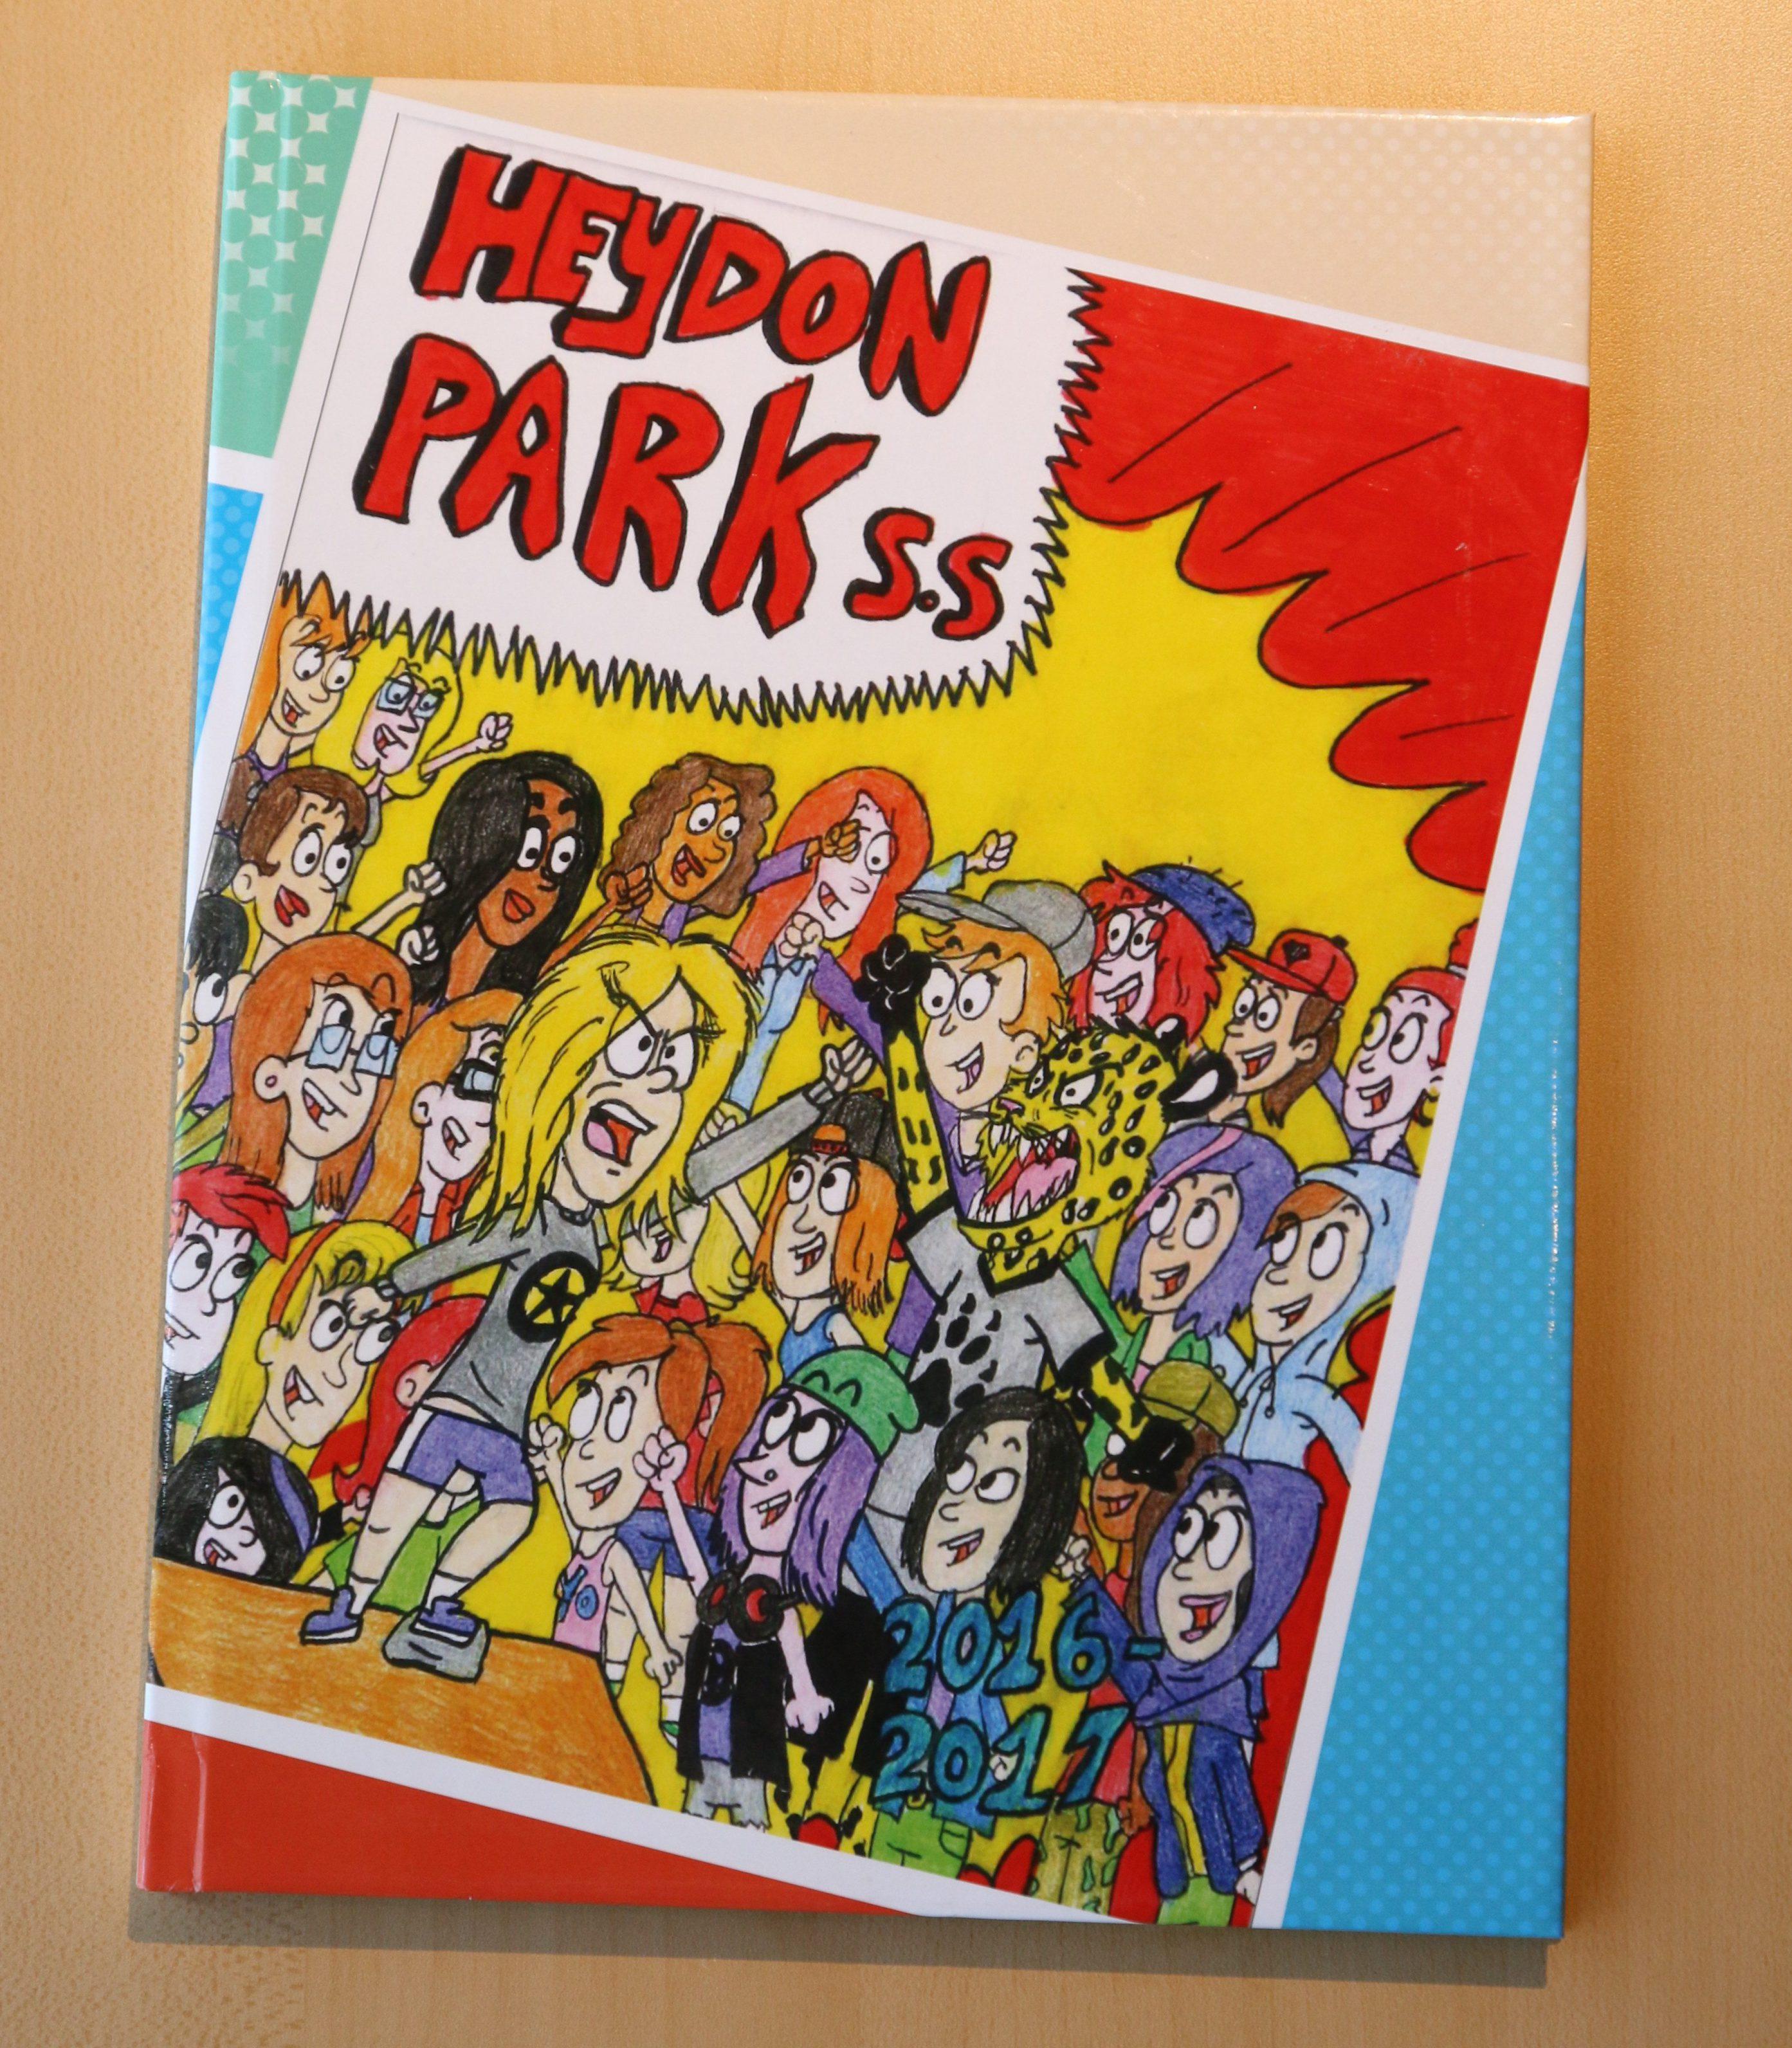 Heydon Park SS